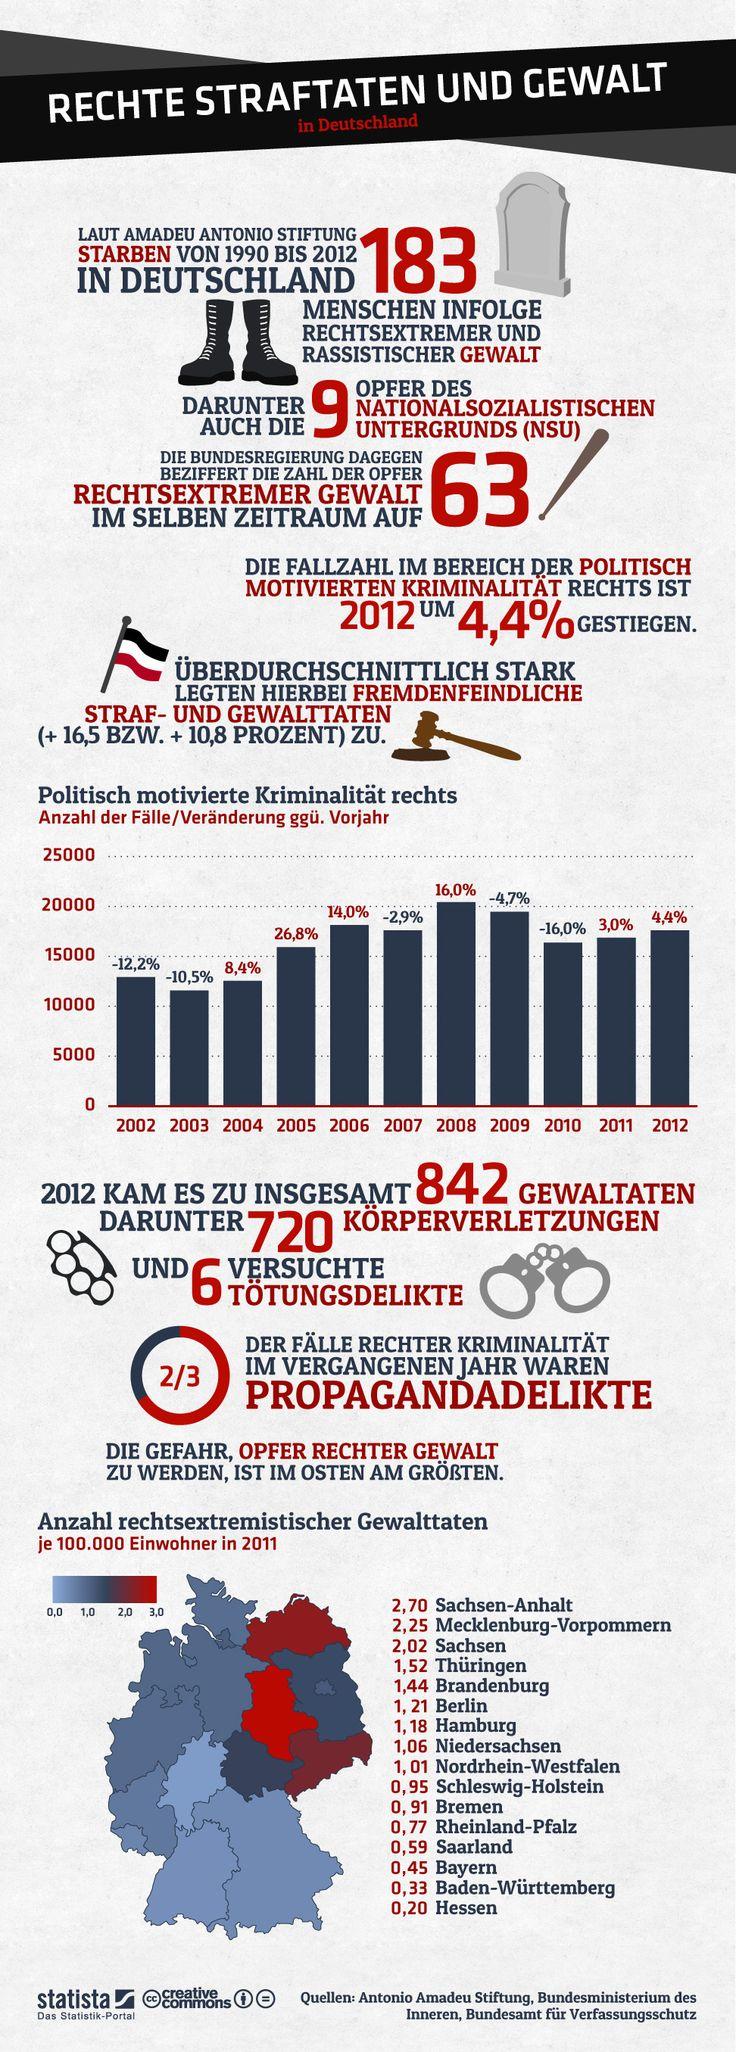 Infografik: Rechte Straftaten und Gewalt  Die Grafik bildet ausgewählte Daten und Fakten zu politisch rechts motivierter Kriminalität in Deutschland ab. #statista #infografik